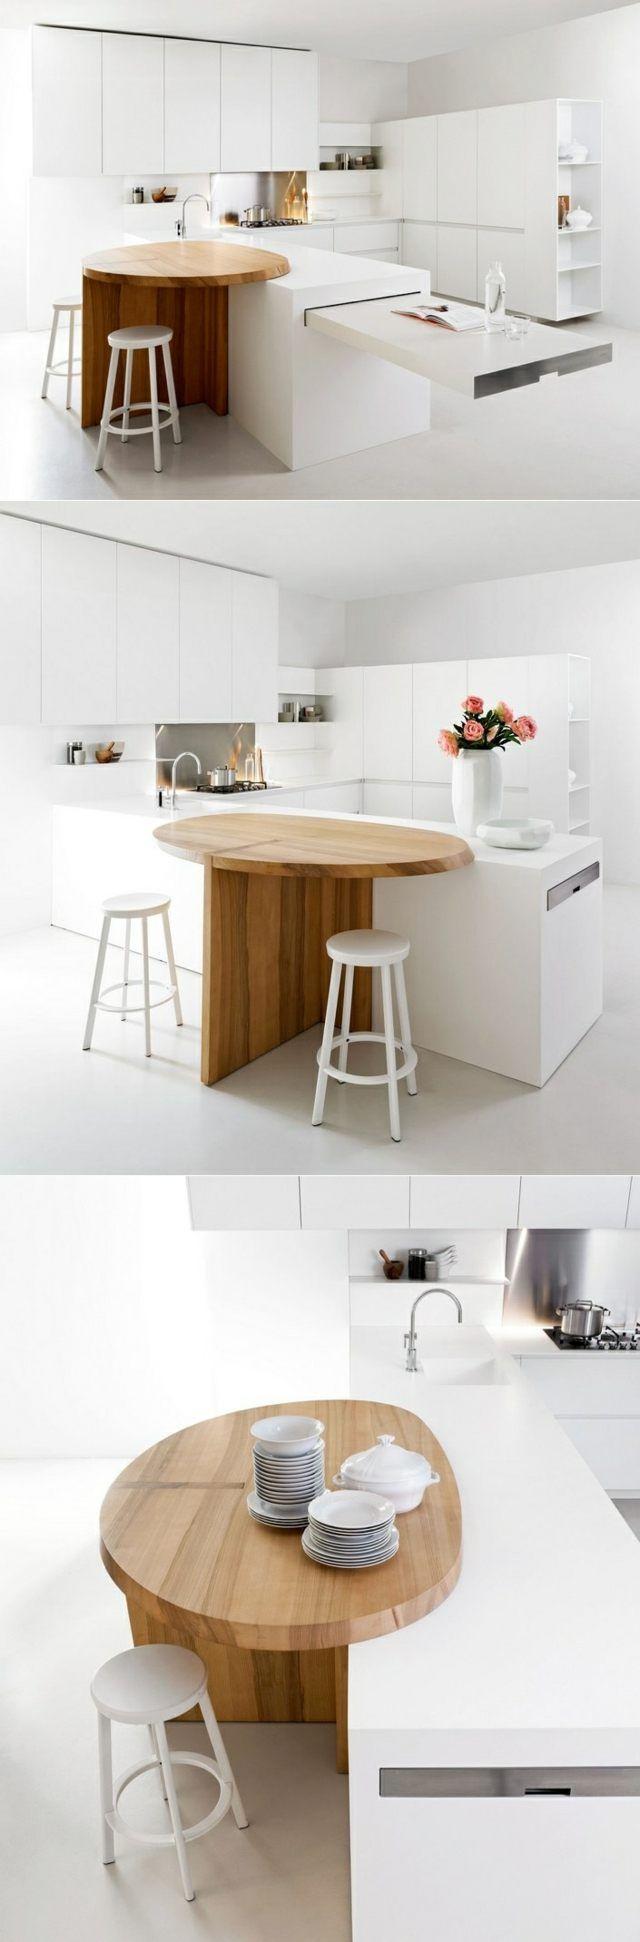 Weiß gelbe küchenideen holz theke küche rundes kochinsel theke weiße einbauküche  küche